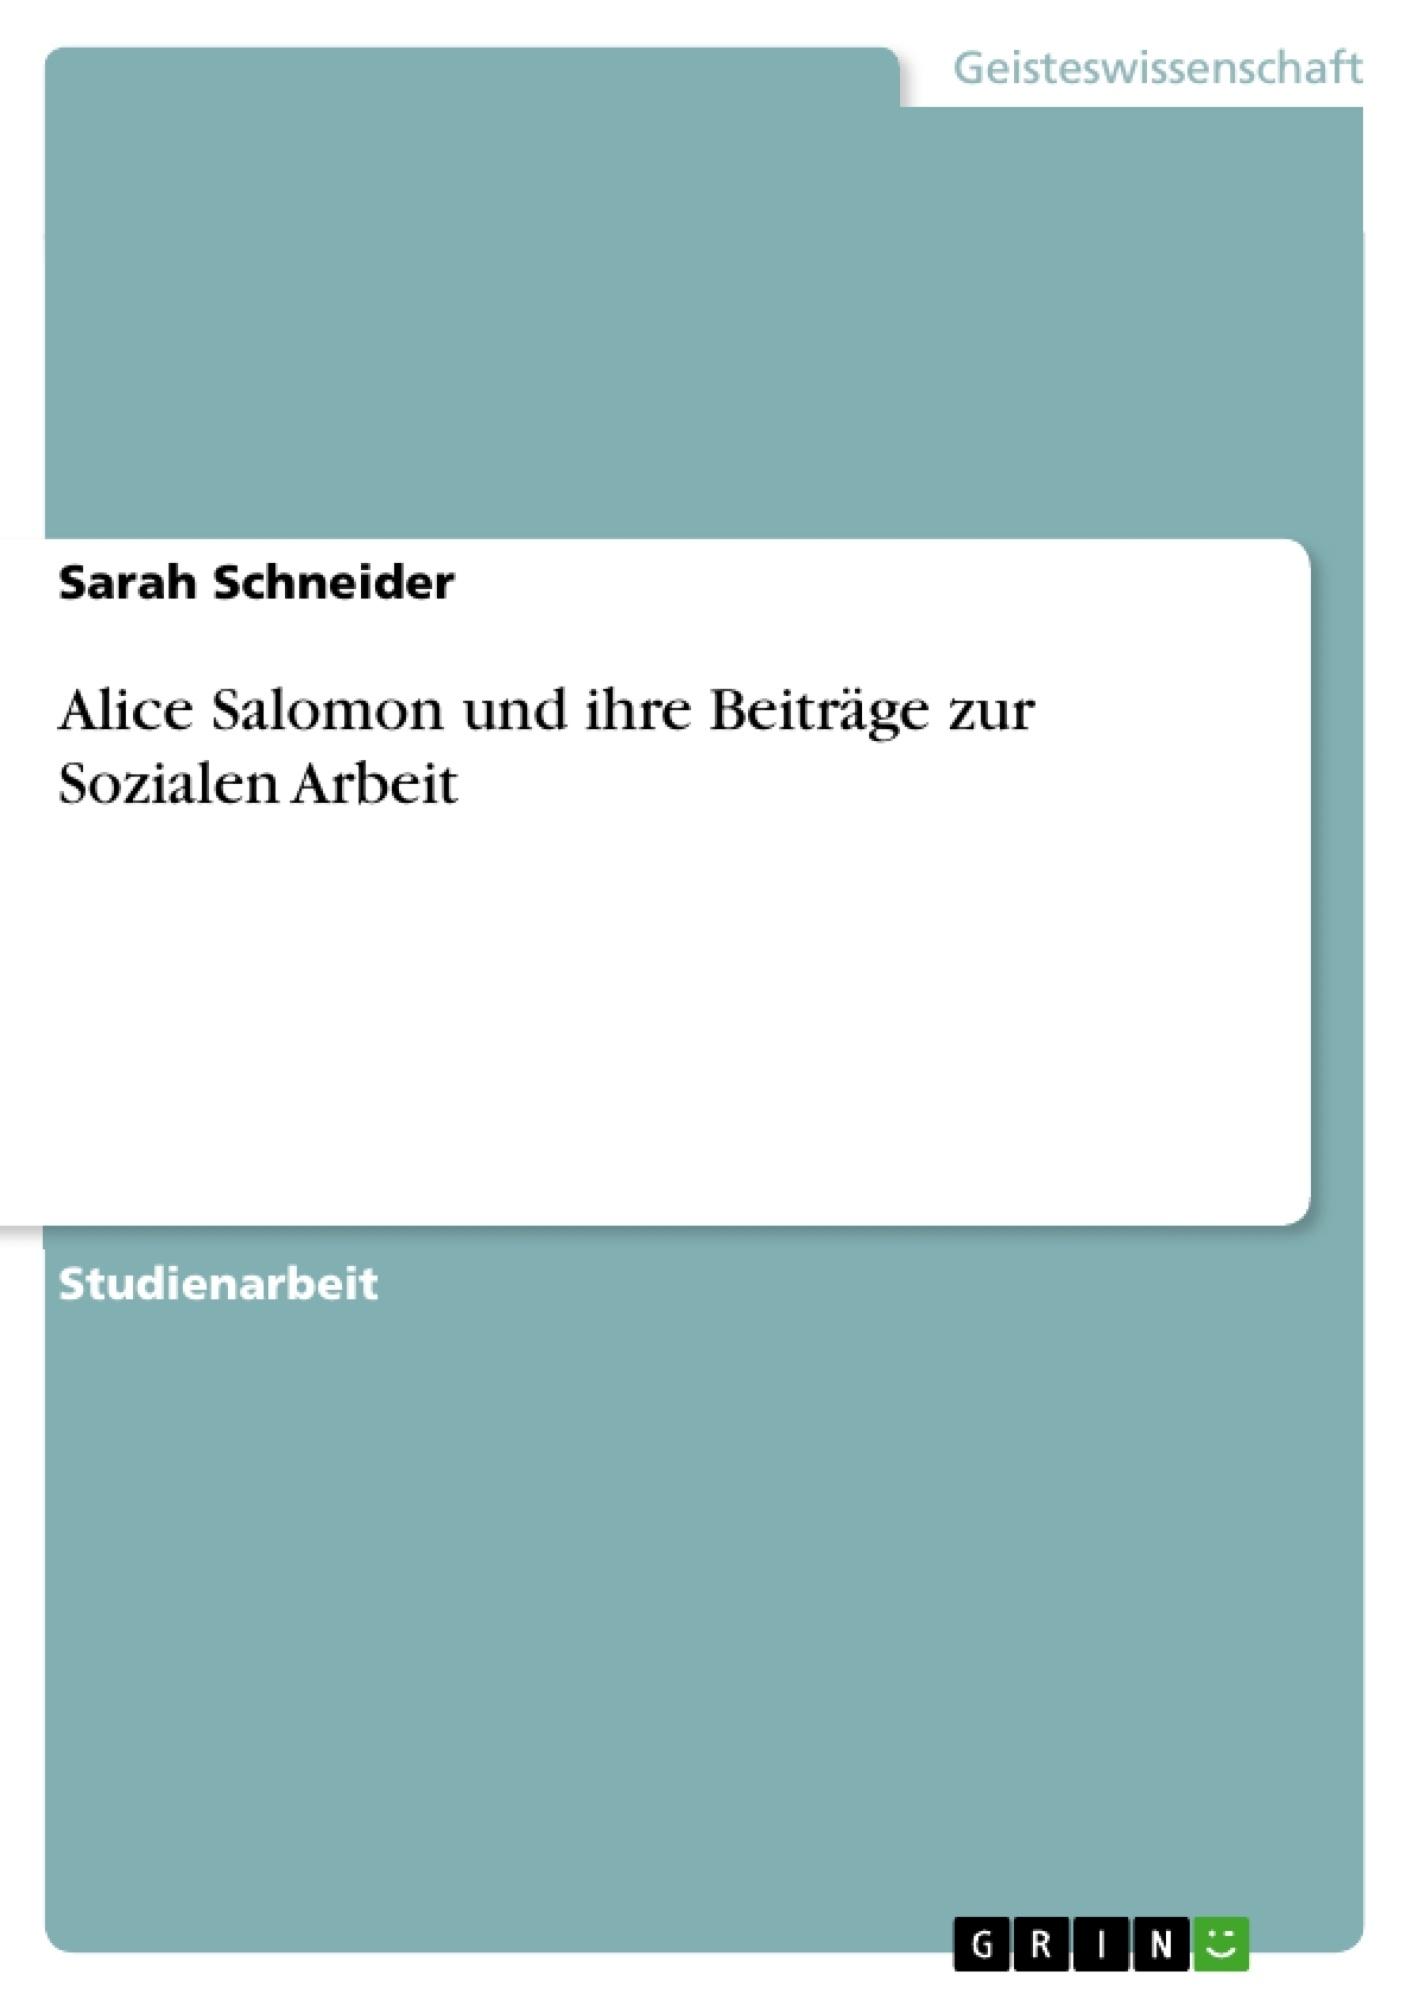 Titel: Alice Salomon und ihre Beiträge zur Sozialen Arbeit